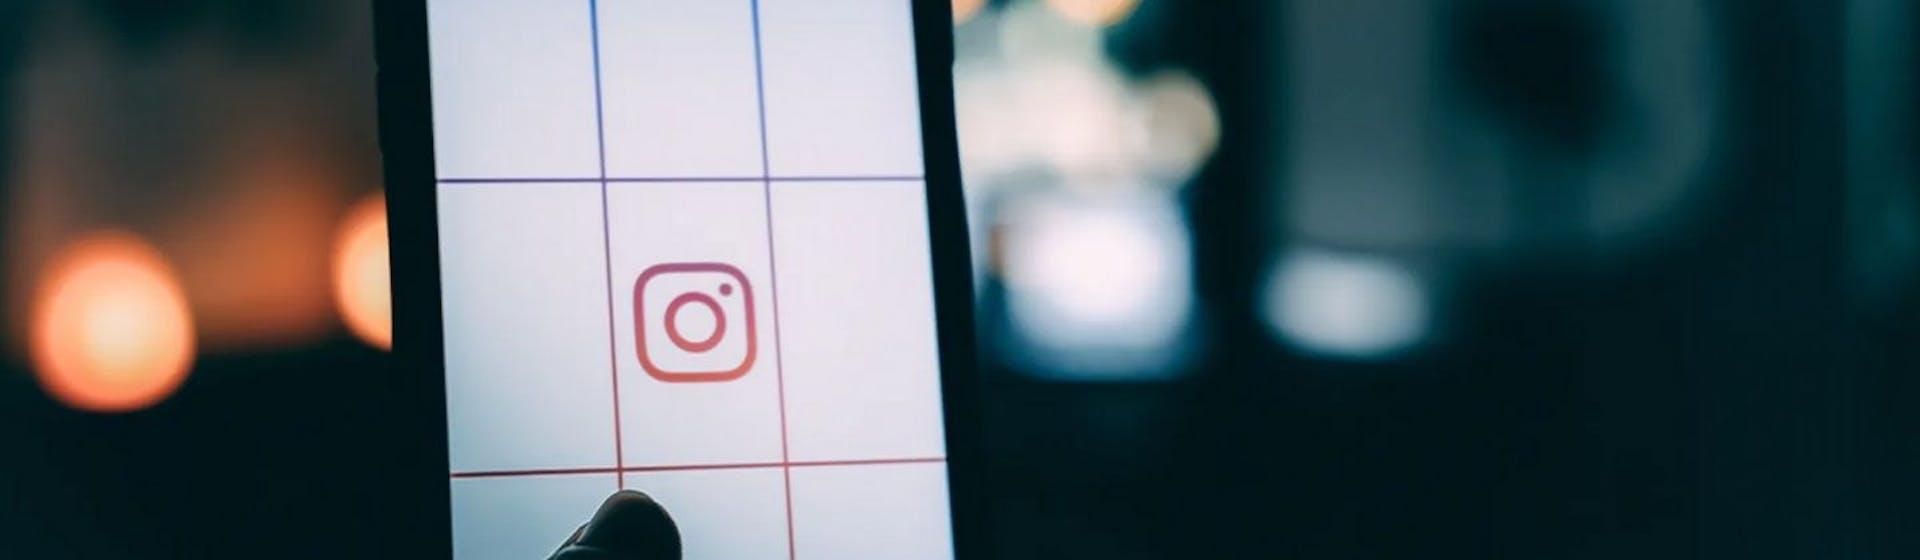 Shadowban de Instagram: ¿Cómo evitar sanciones inesperadas?